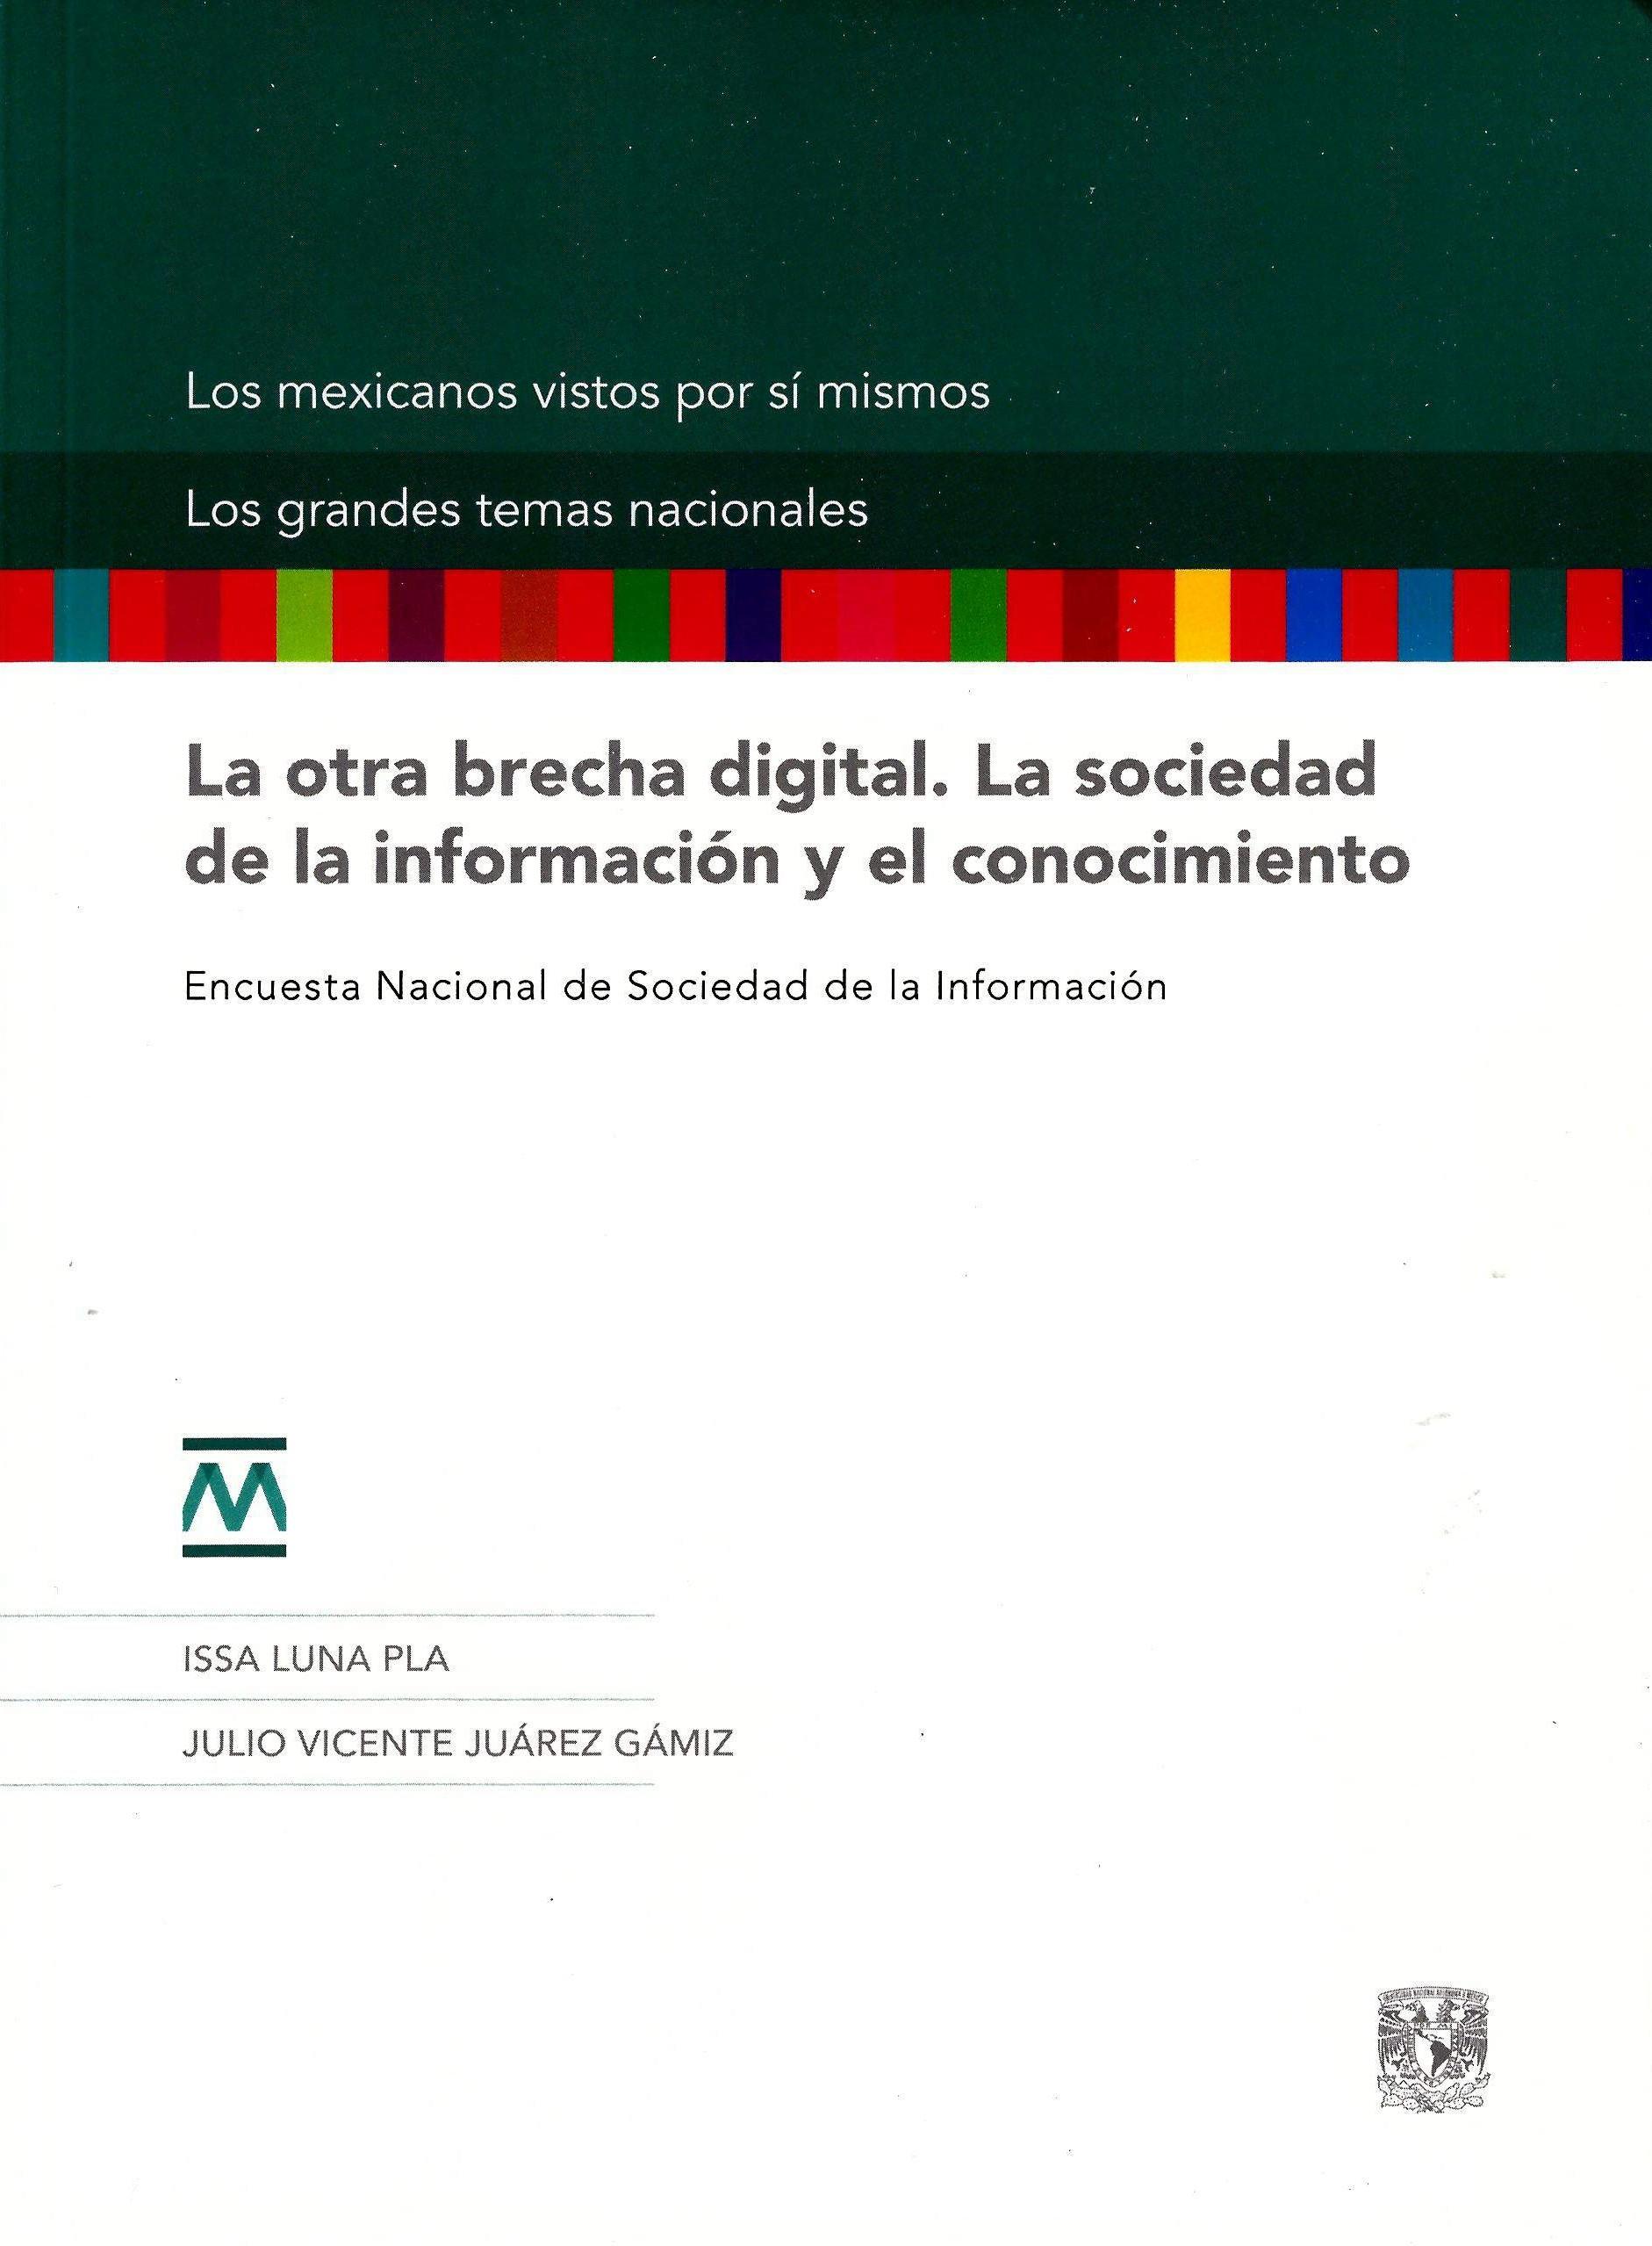 La otra brecha digital. La sociedad de la información y el conocimiento Encuesta Nacional de Sociedad de la Información